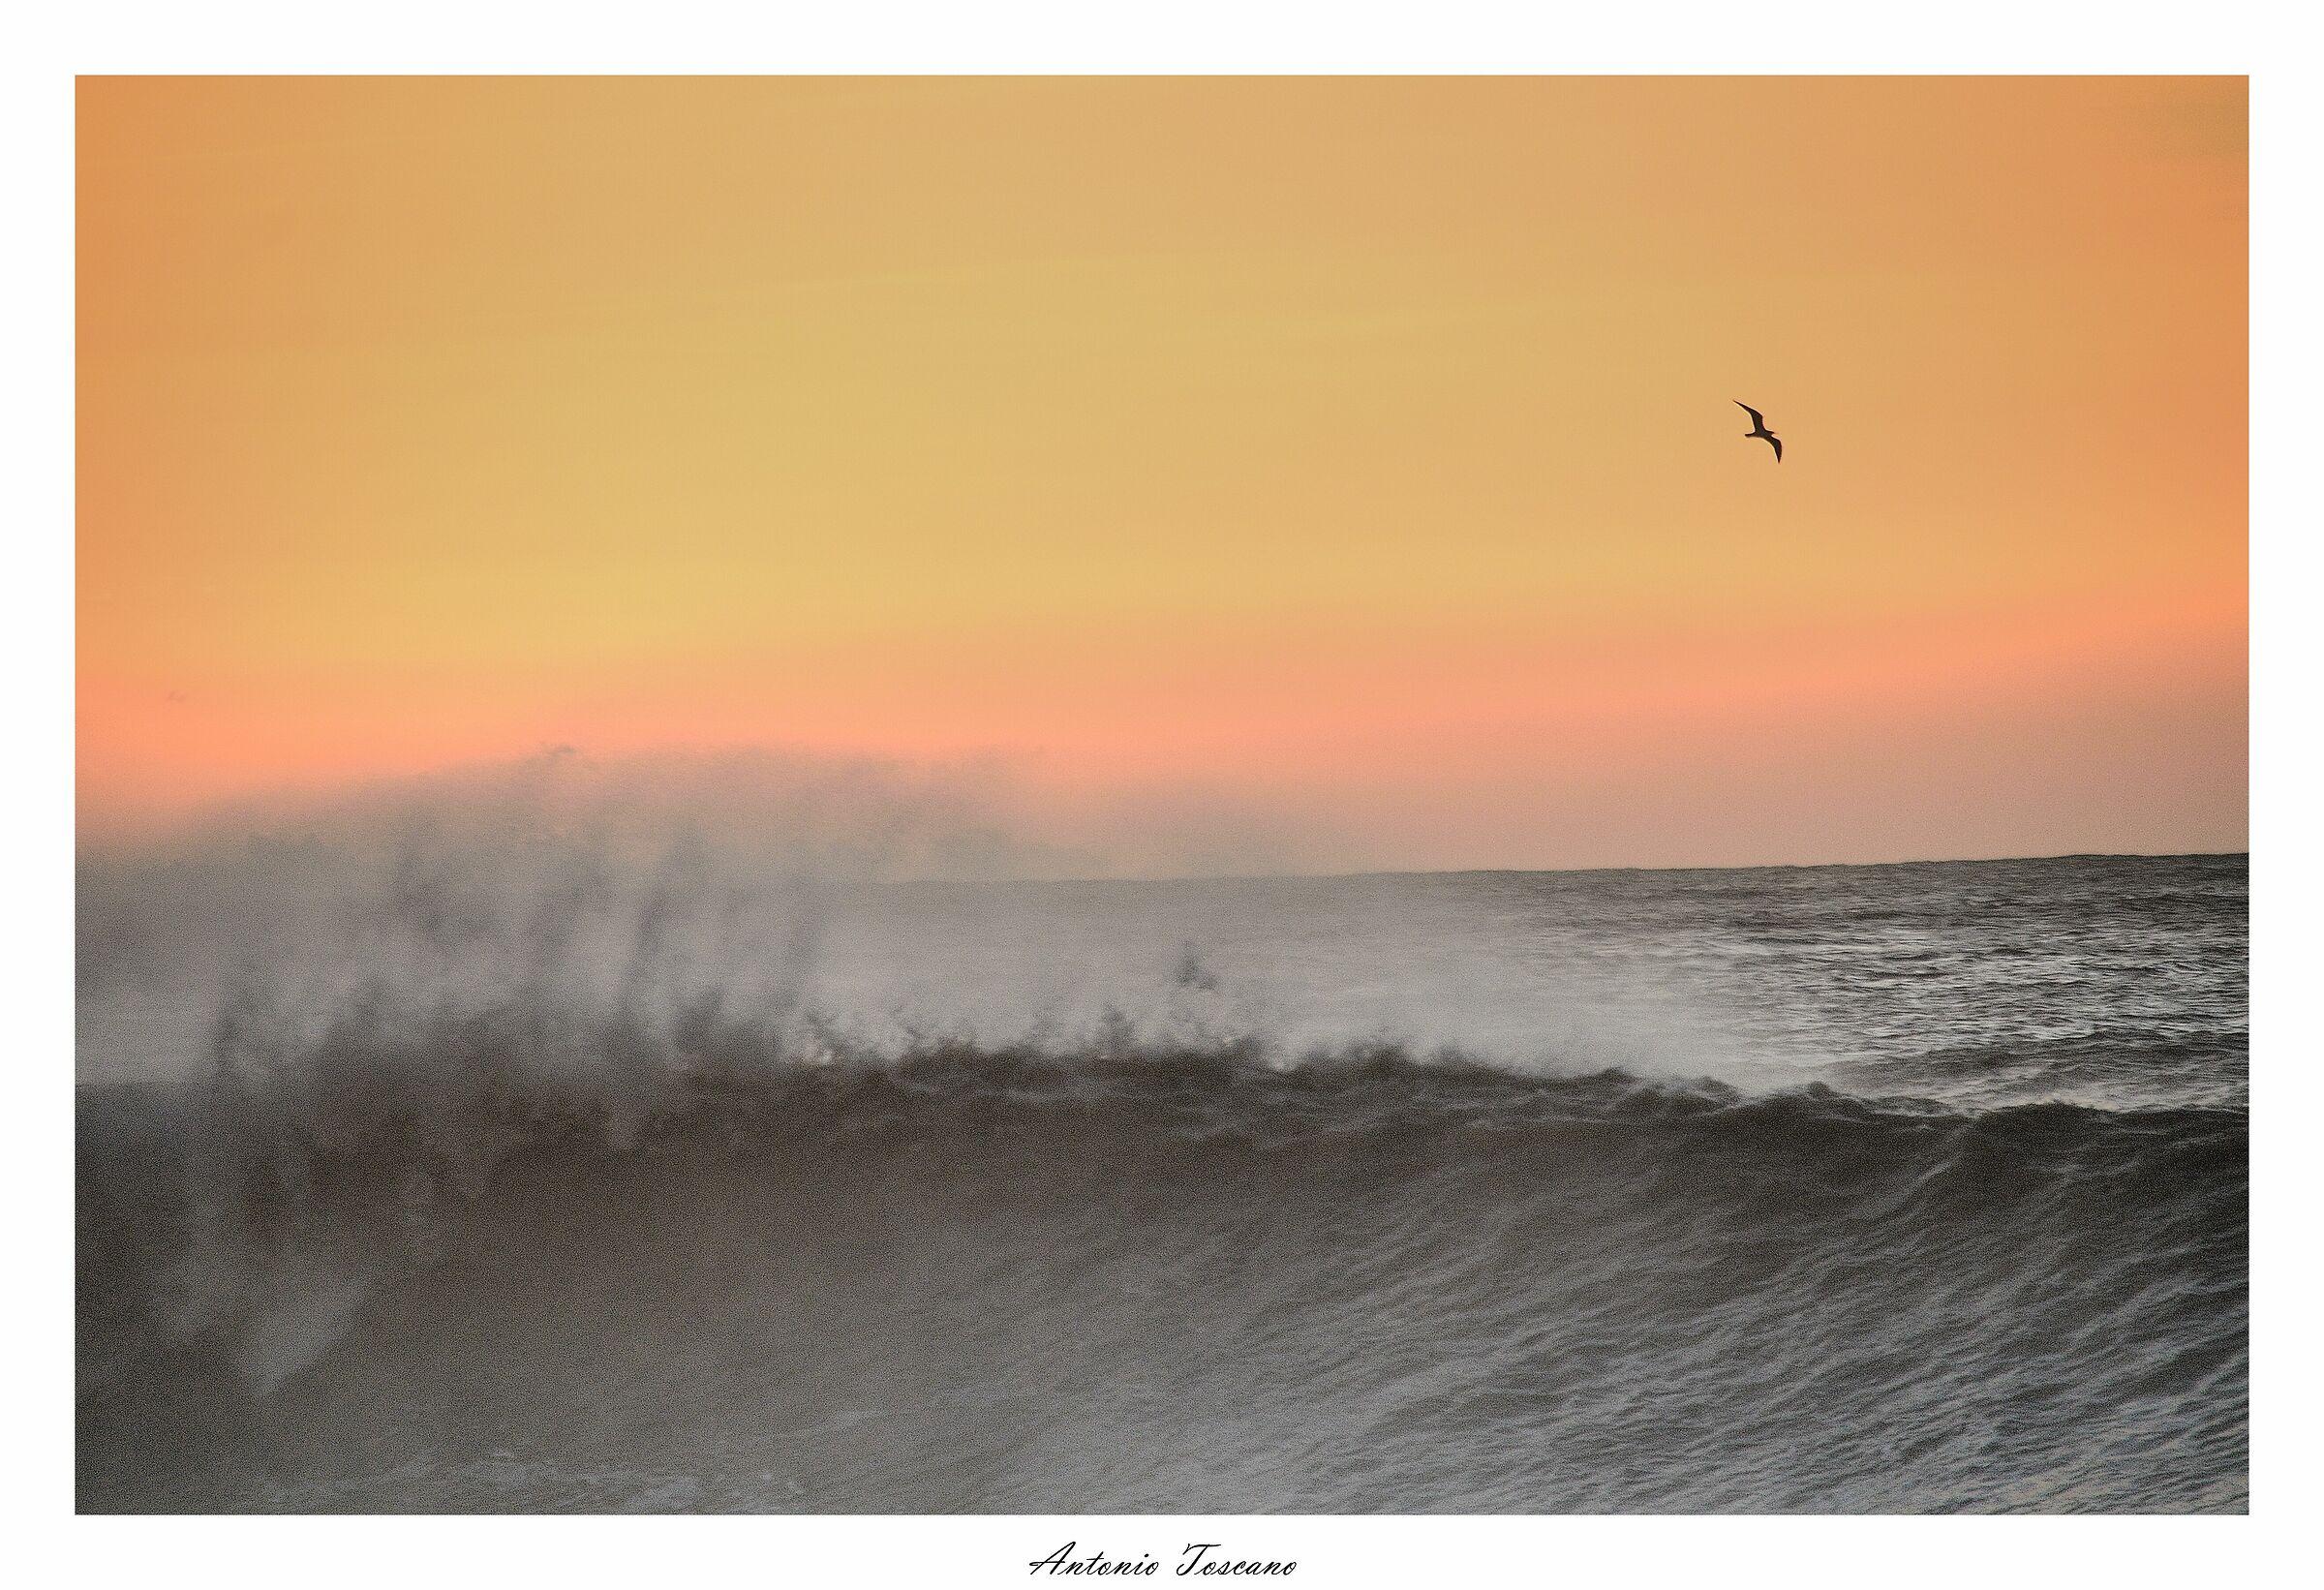 L'onda e il vento...